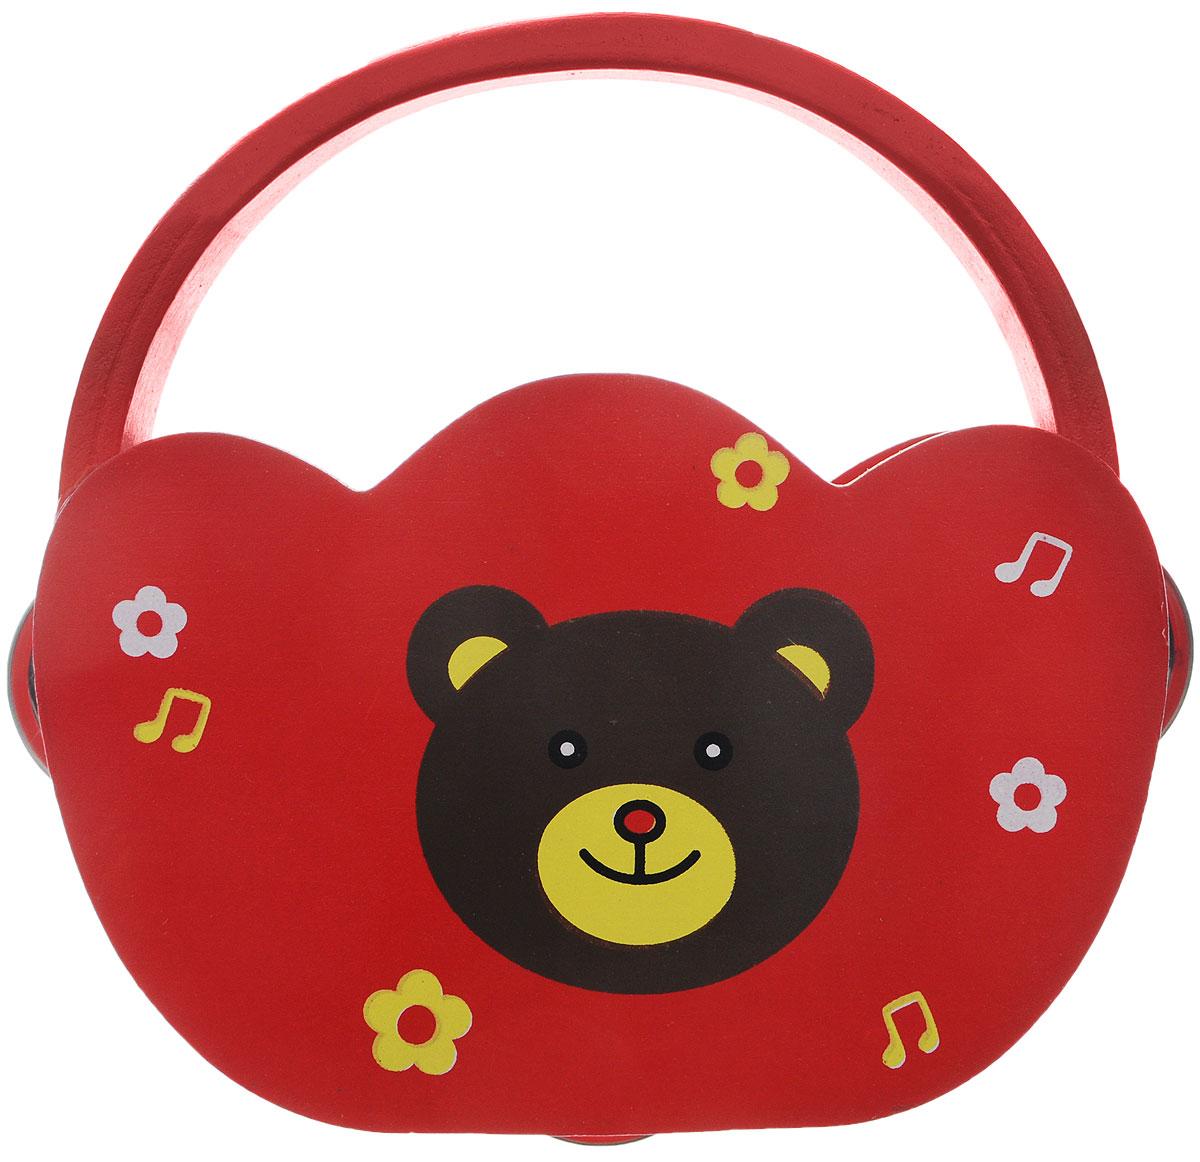 Фабрика Фантазий Бубен Мишка40072_красный, мишкаБубен Фабрика Фантазий Мишка доставит огромное удовольствие вашему ребенку и вдохновит его к занятию музыкой. Музыкальный инструмент выполнен в оригинальном дизайне: поверхность бубна деревянная, а по бокам ободка имеются прорези со вставленными в них металлическими пластинами. Играть на бубне можно двумя способами: встряхивая его или ударяя о его поверхность. Бубен способствует развитию звуковосприятия, чувства ритма и музыкальных способностей у ребенка.